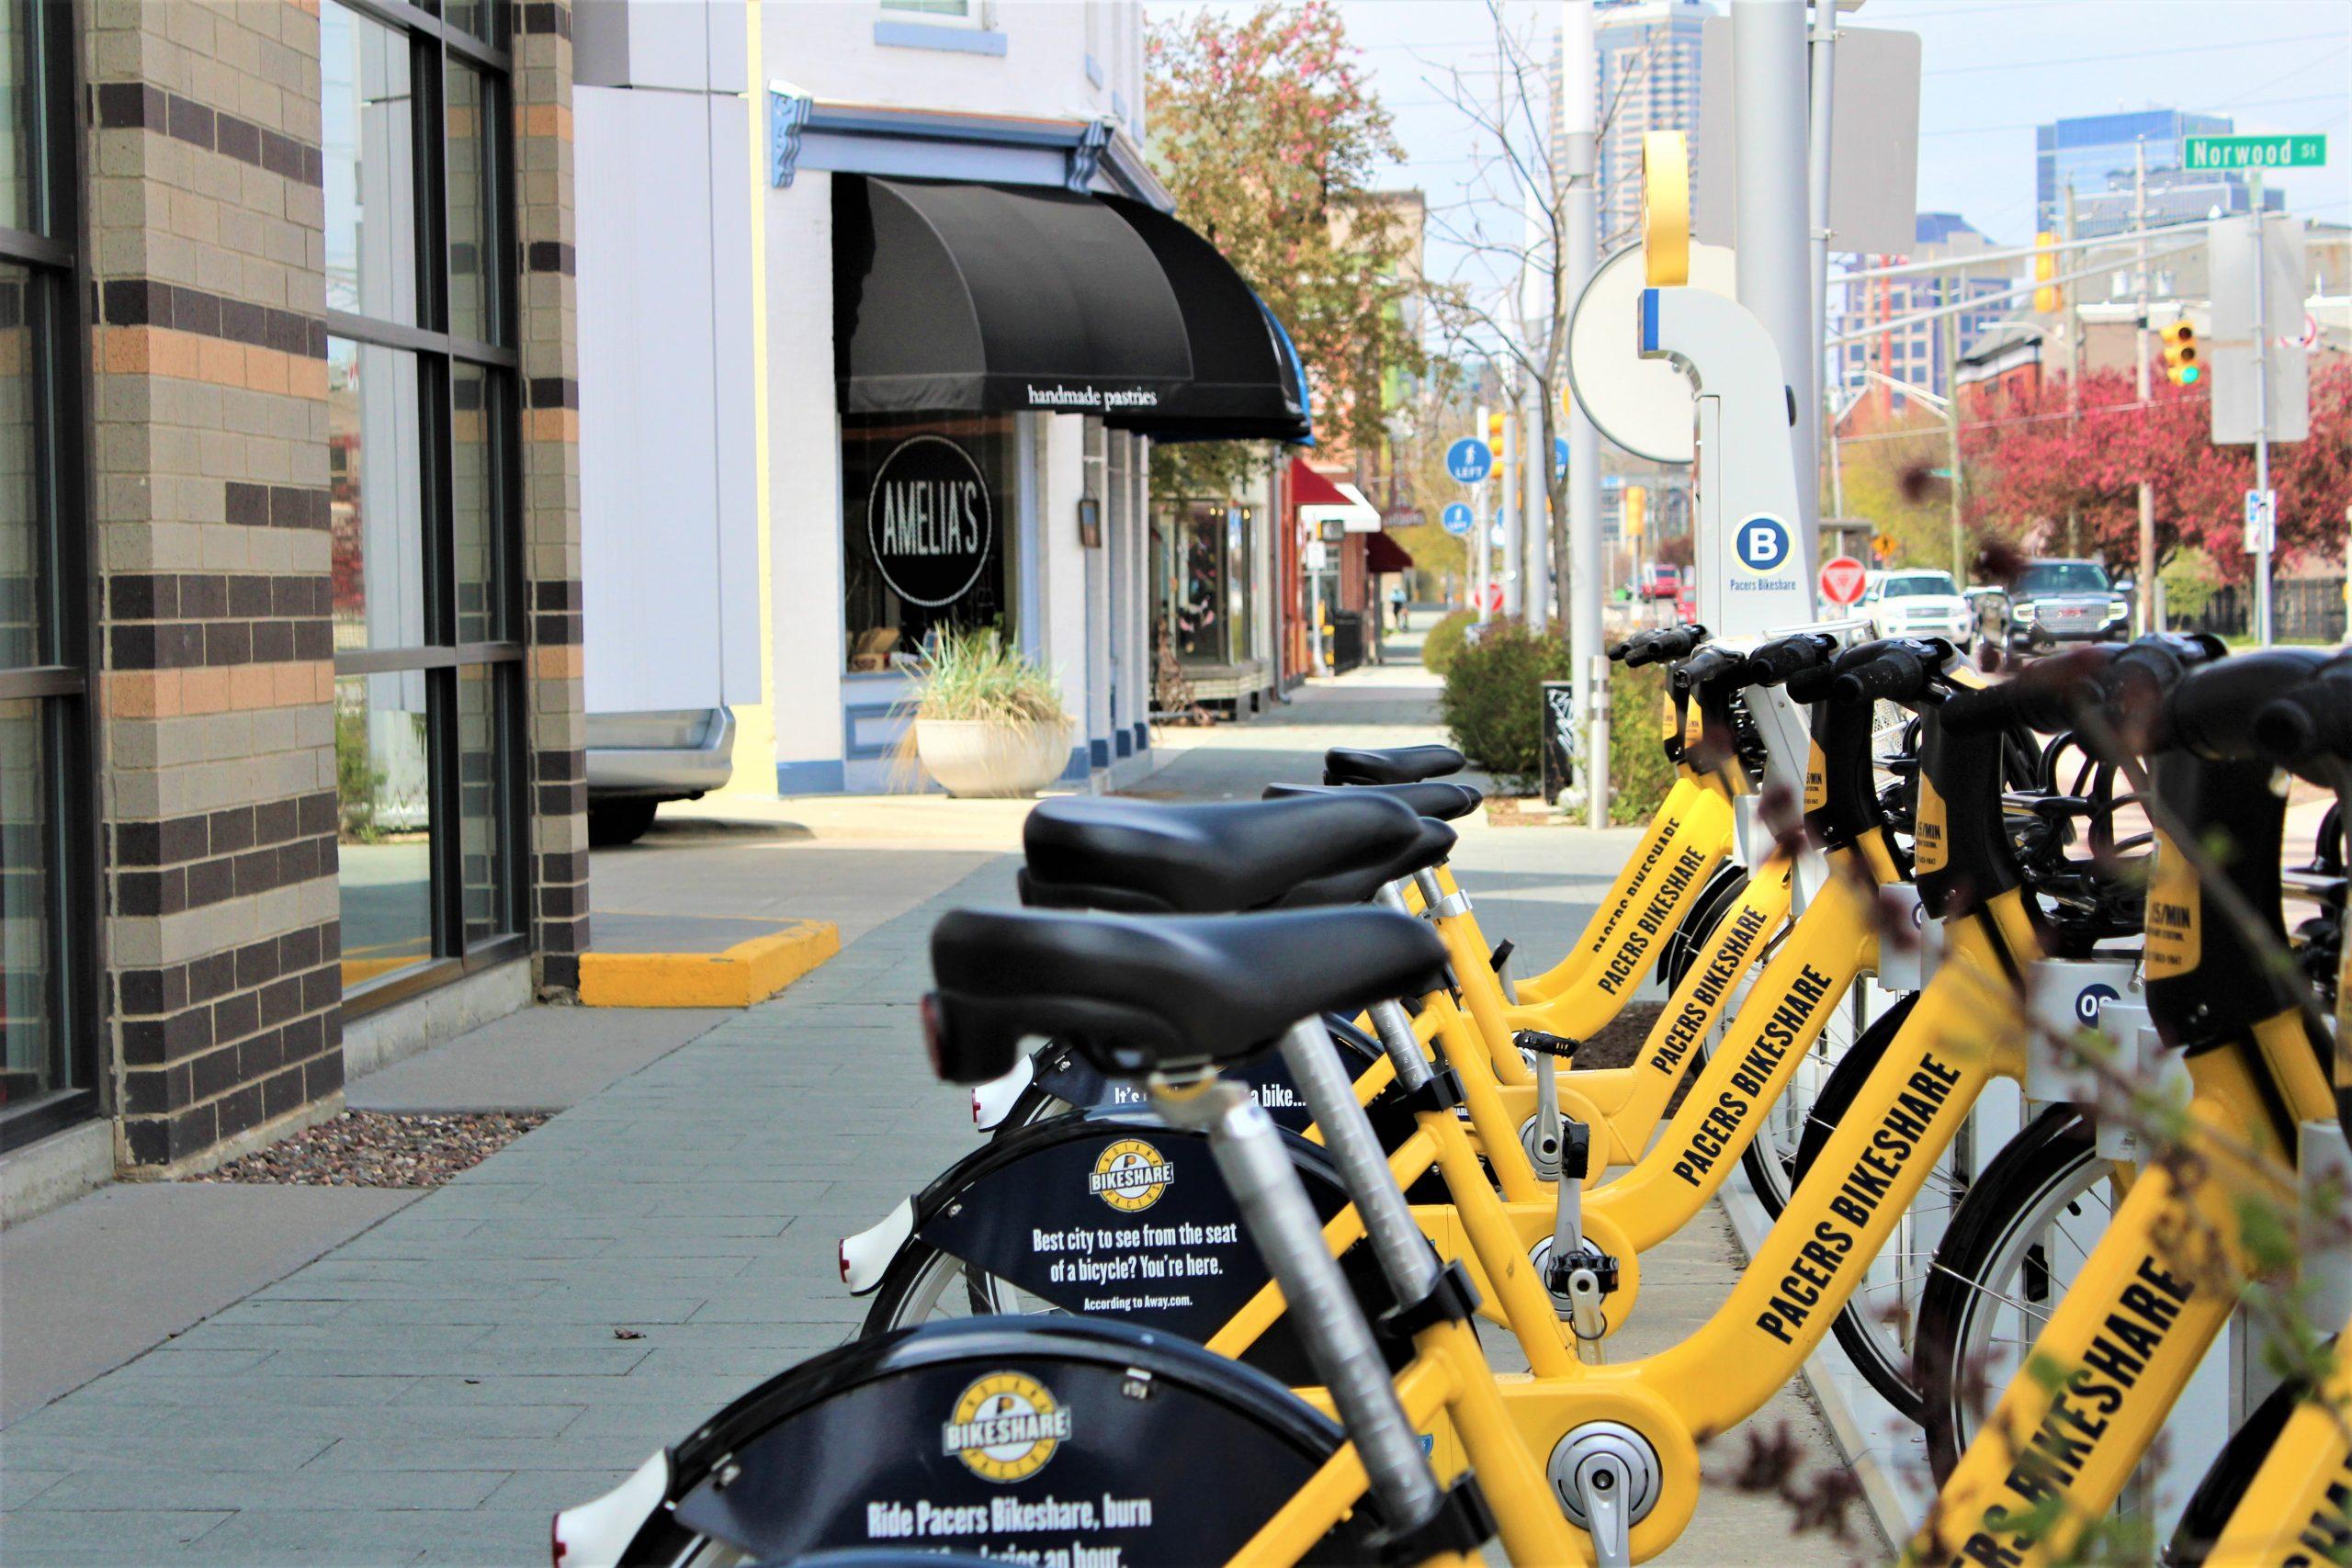 Fletcher Place Neighborhood Bike Share and Amelias